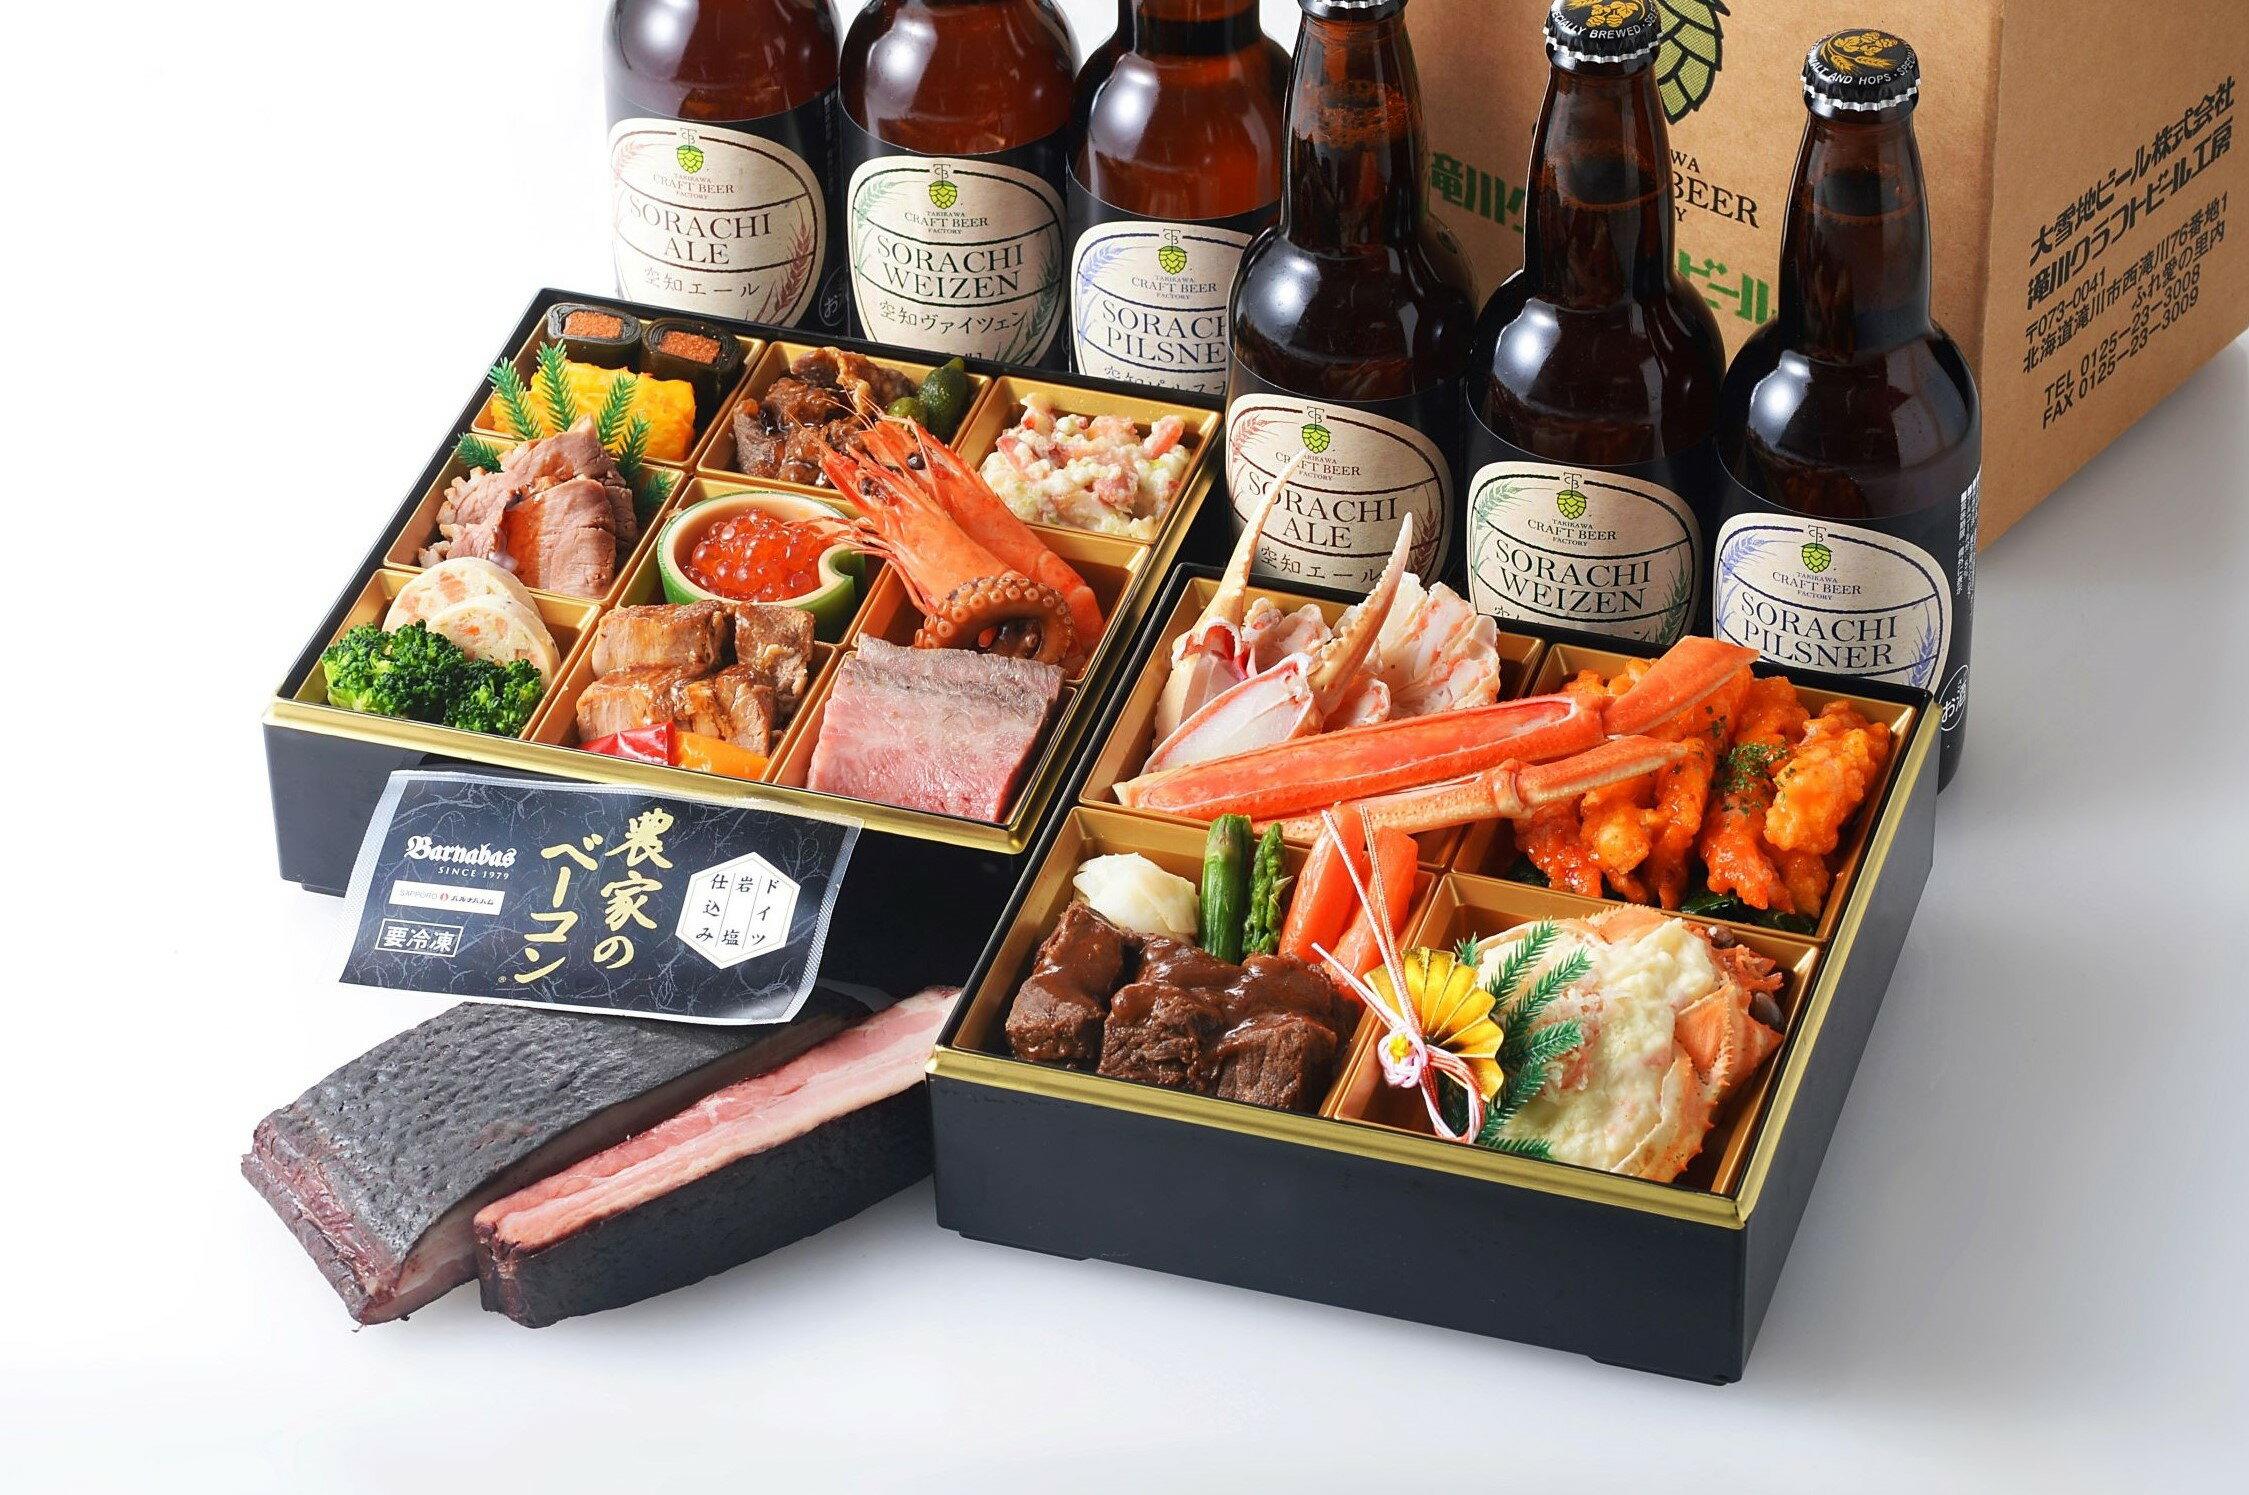 【ふるさと納税】【お正月準備】洋風おせち二段重(A)とクラフトビール6本